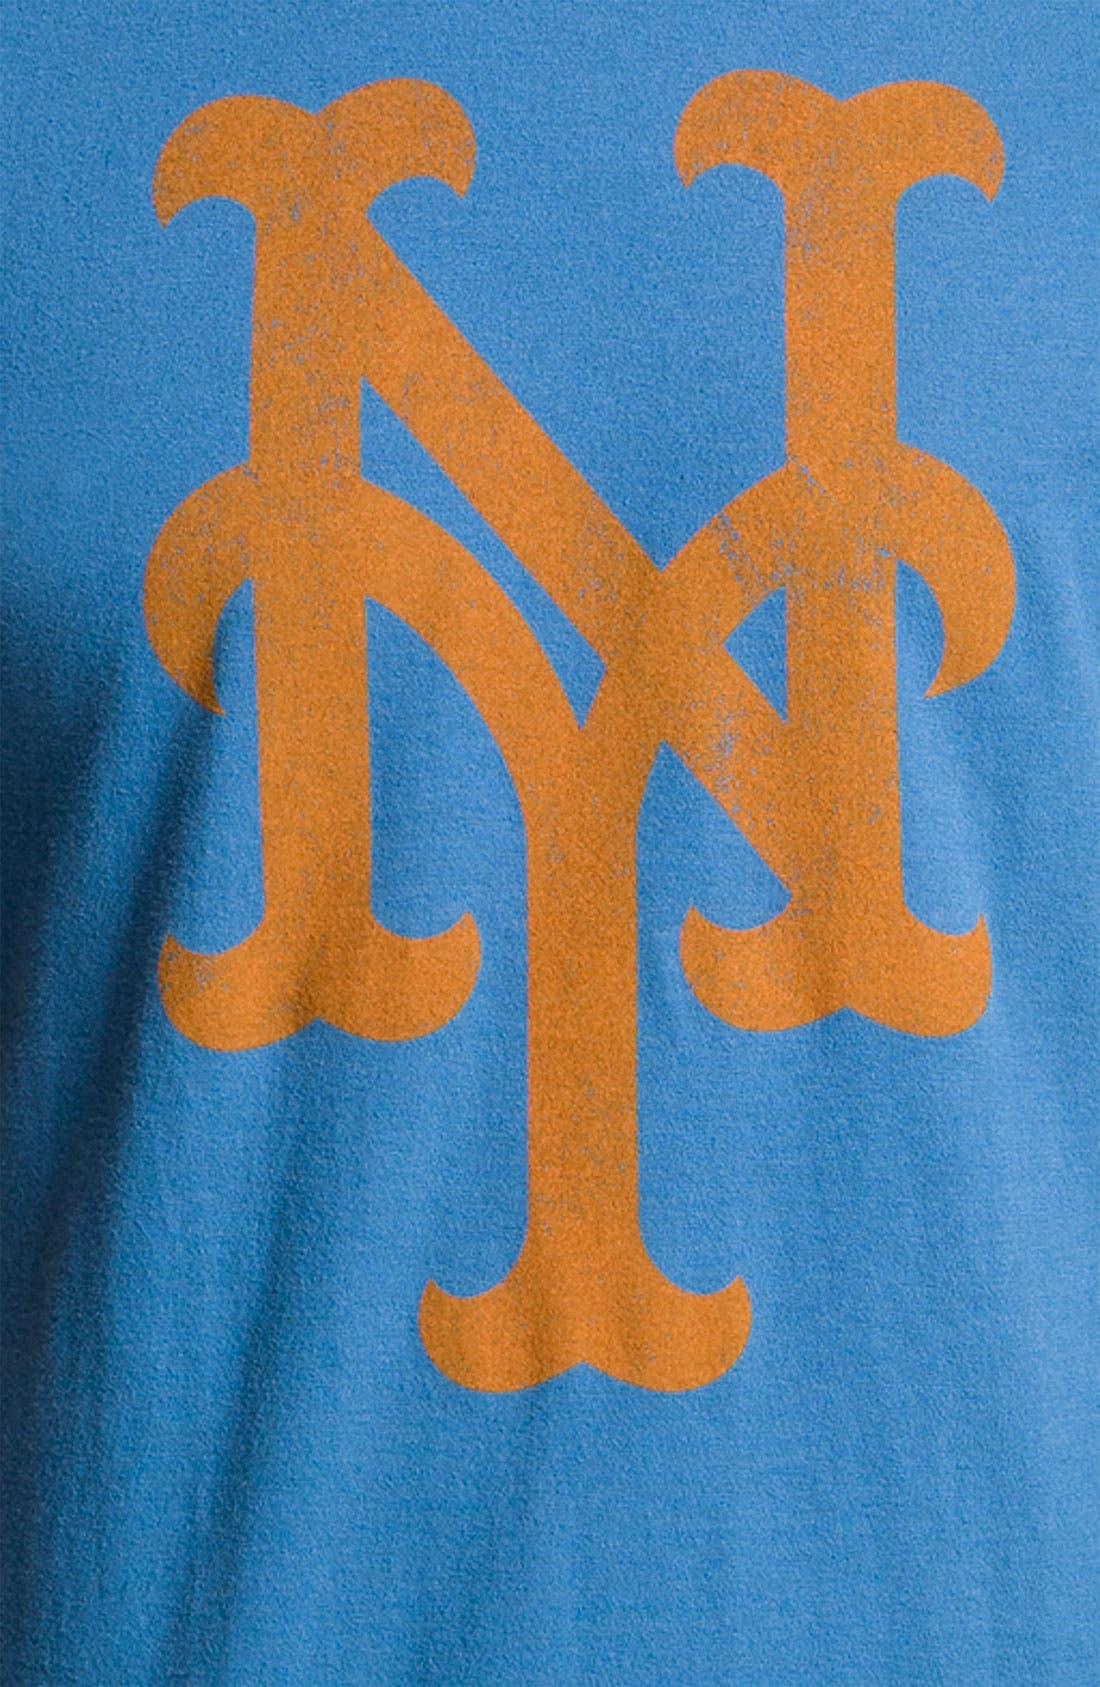 'New York Mets' Baseball T-Shirt,                             Alternate thumbnail 2, color,                             Blue